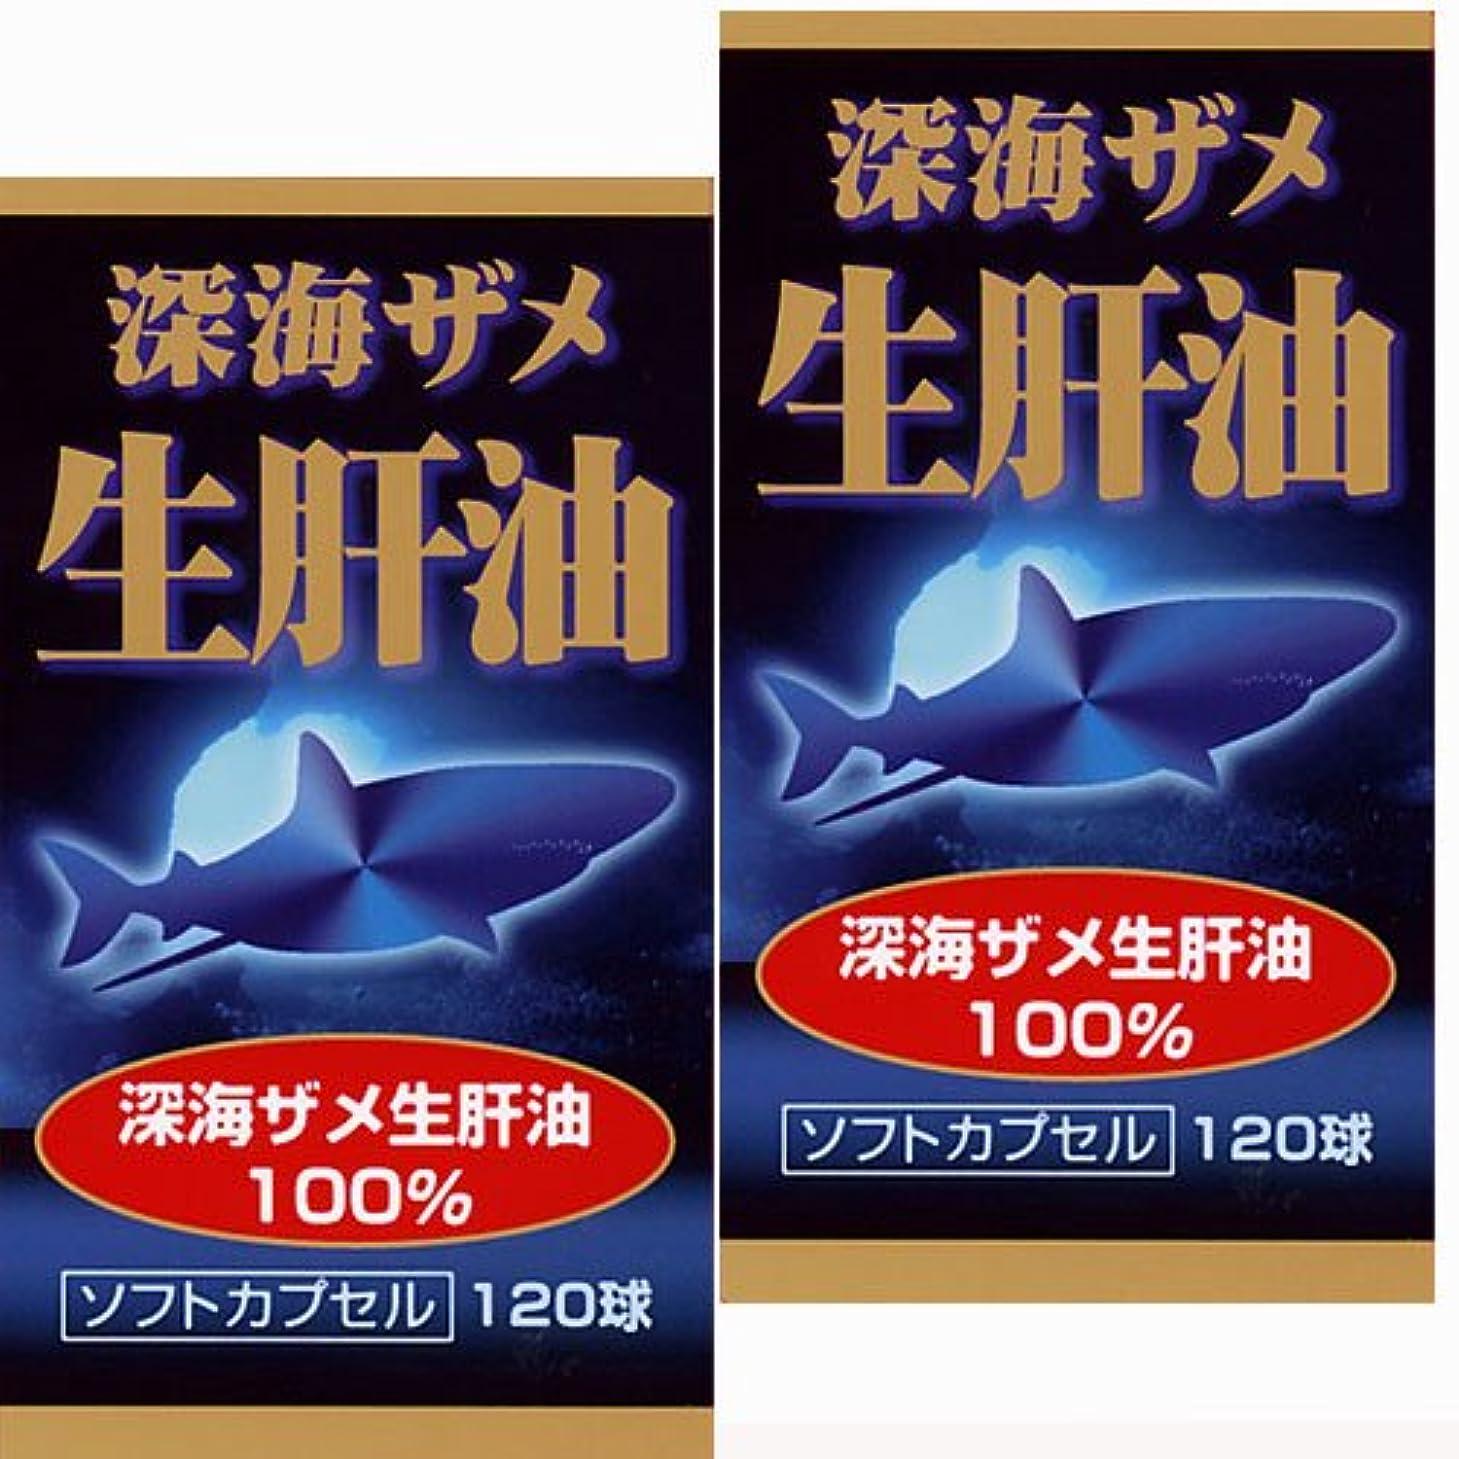 枝溶けるミニチュア【2個】ユウキ製薬 深海ザメ生肝油 30日分 120球x2個 (4524326201065-2)